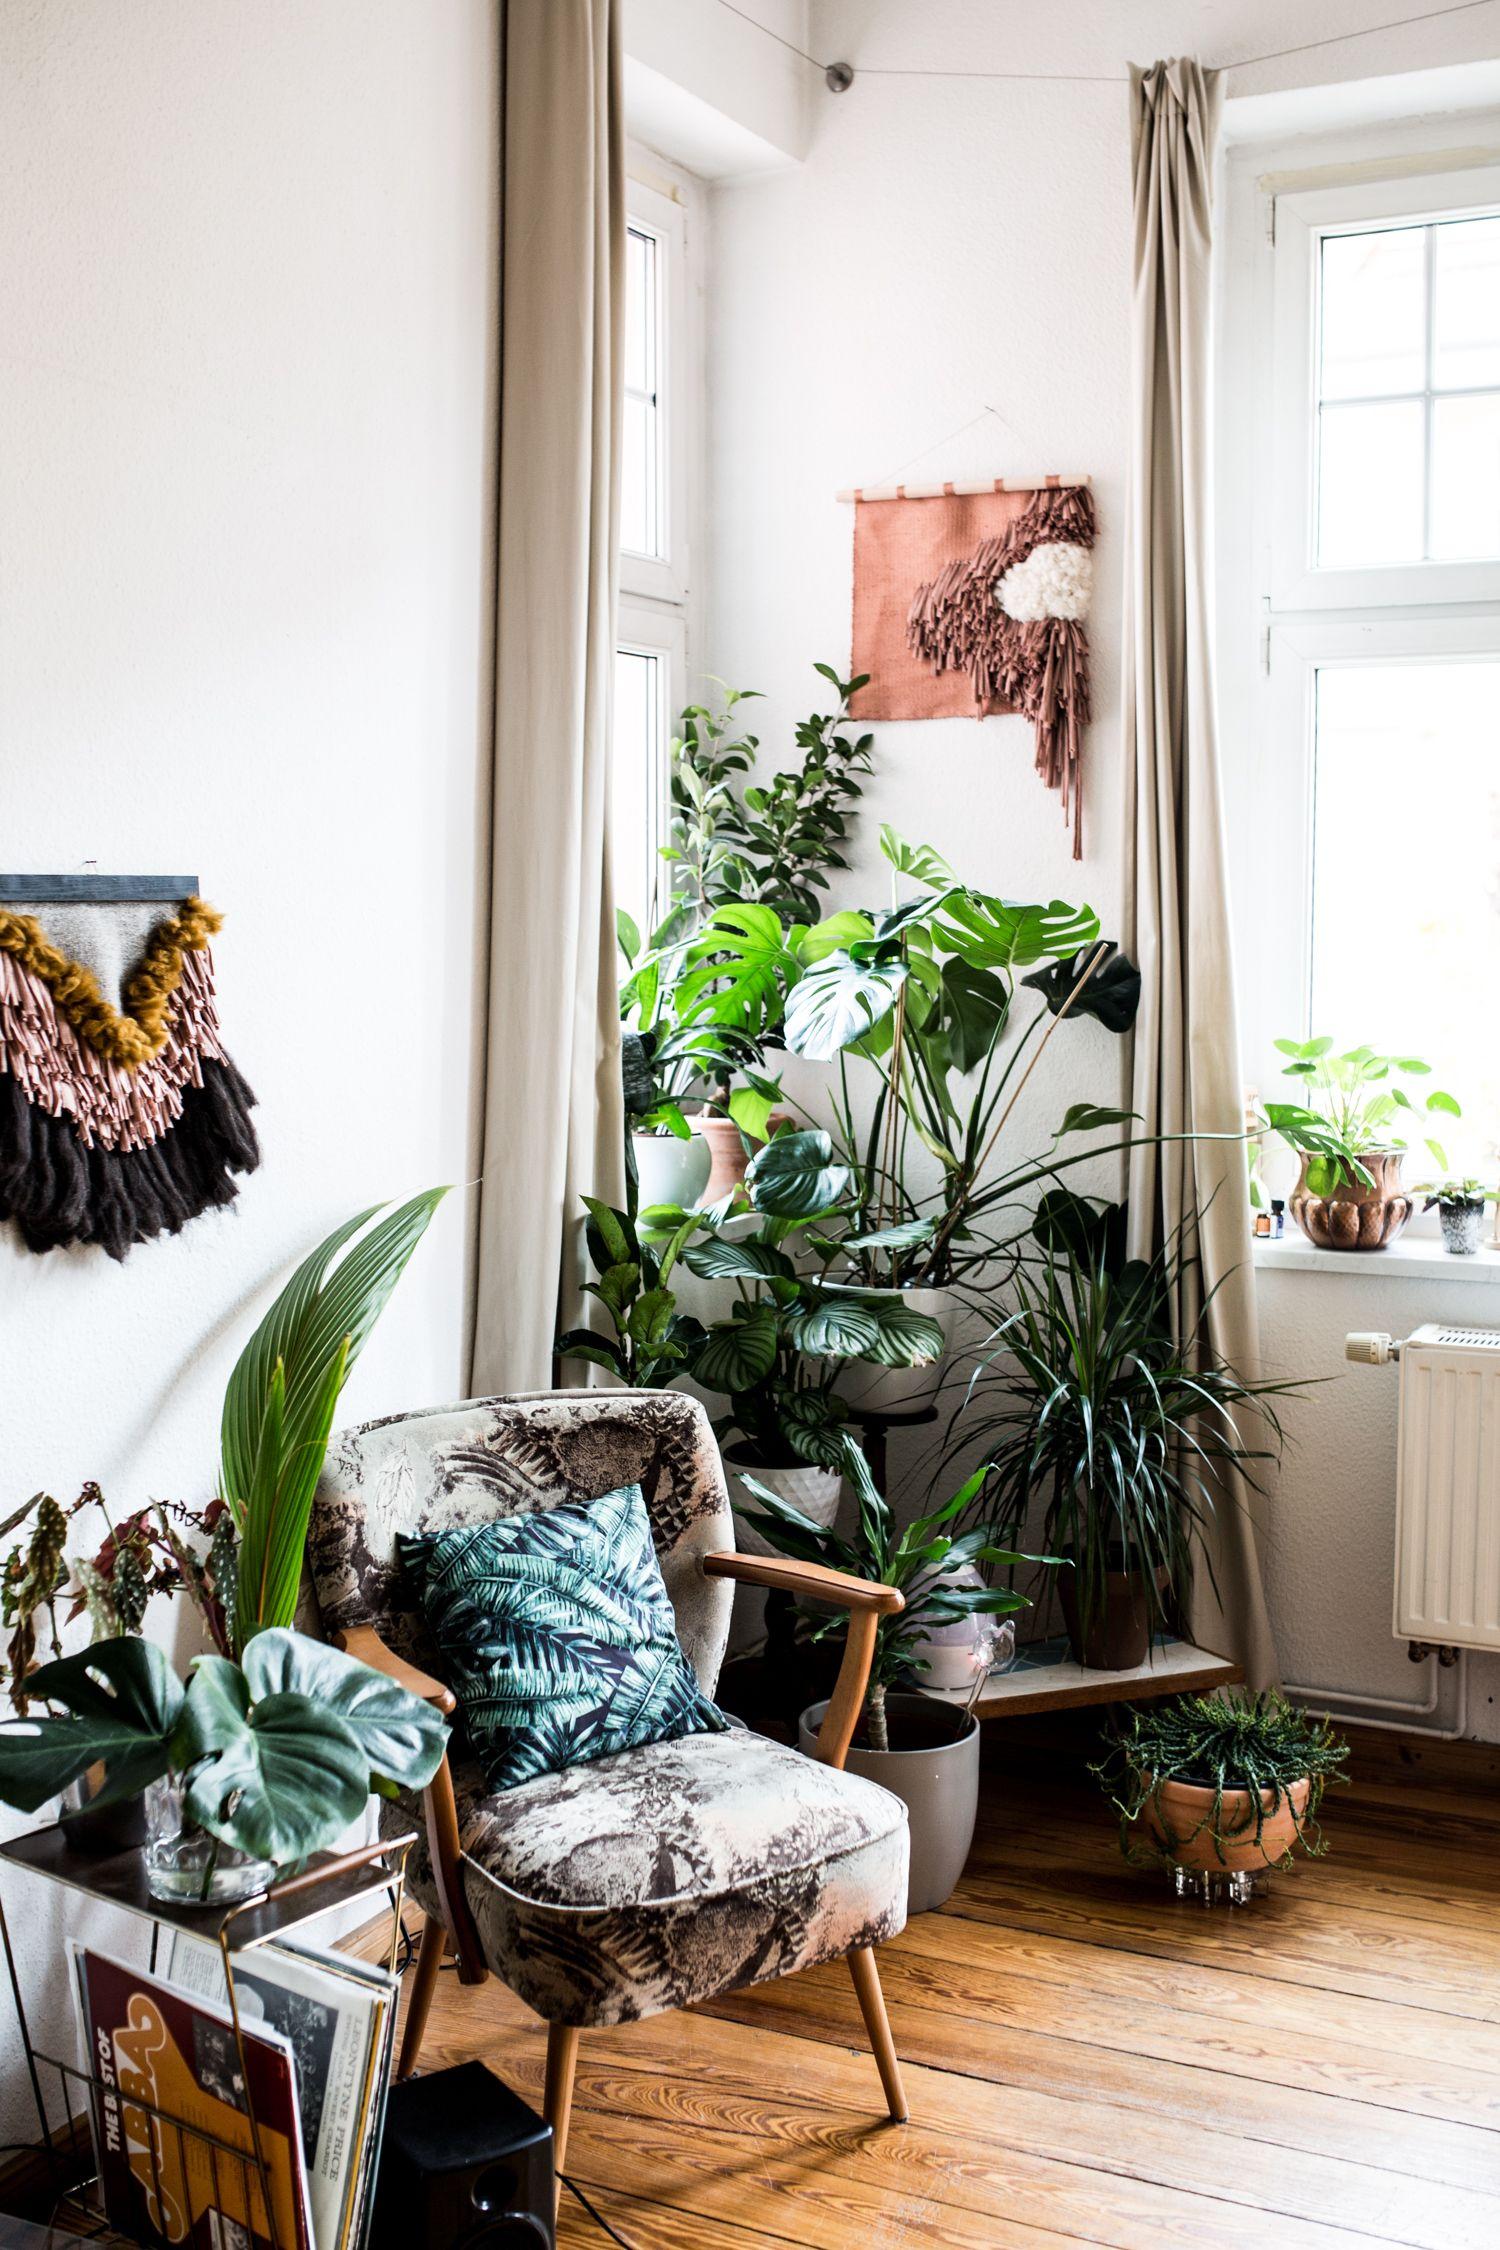 nice einfache dekoration und mobel tropisch einrichten exotische raumideen 2 #3: Pinterest